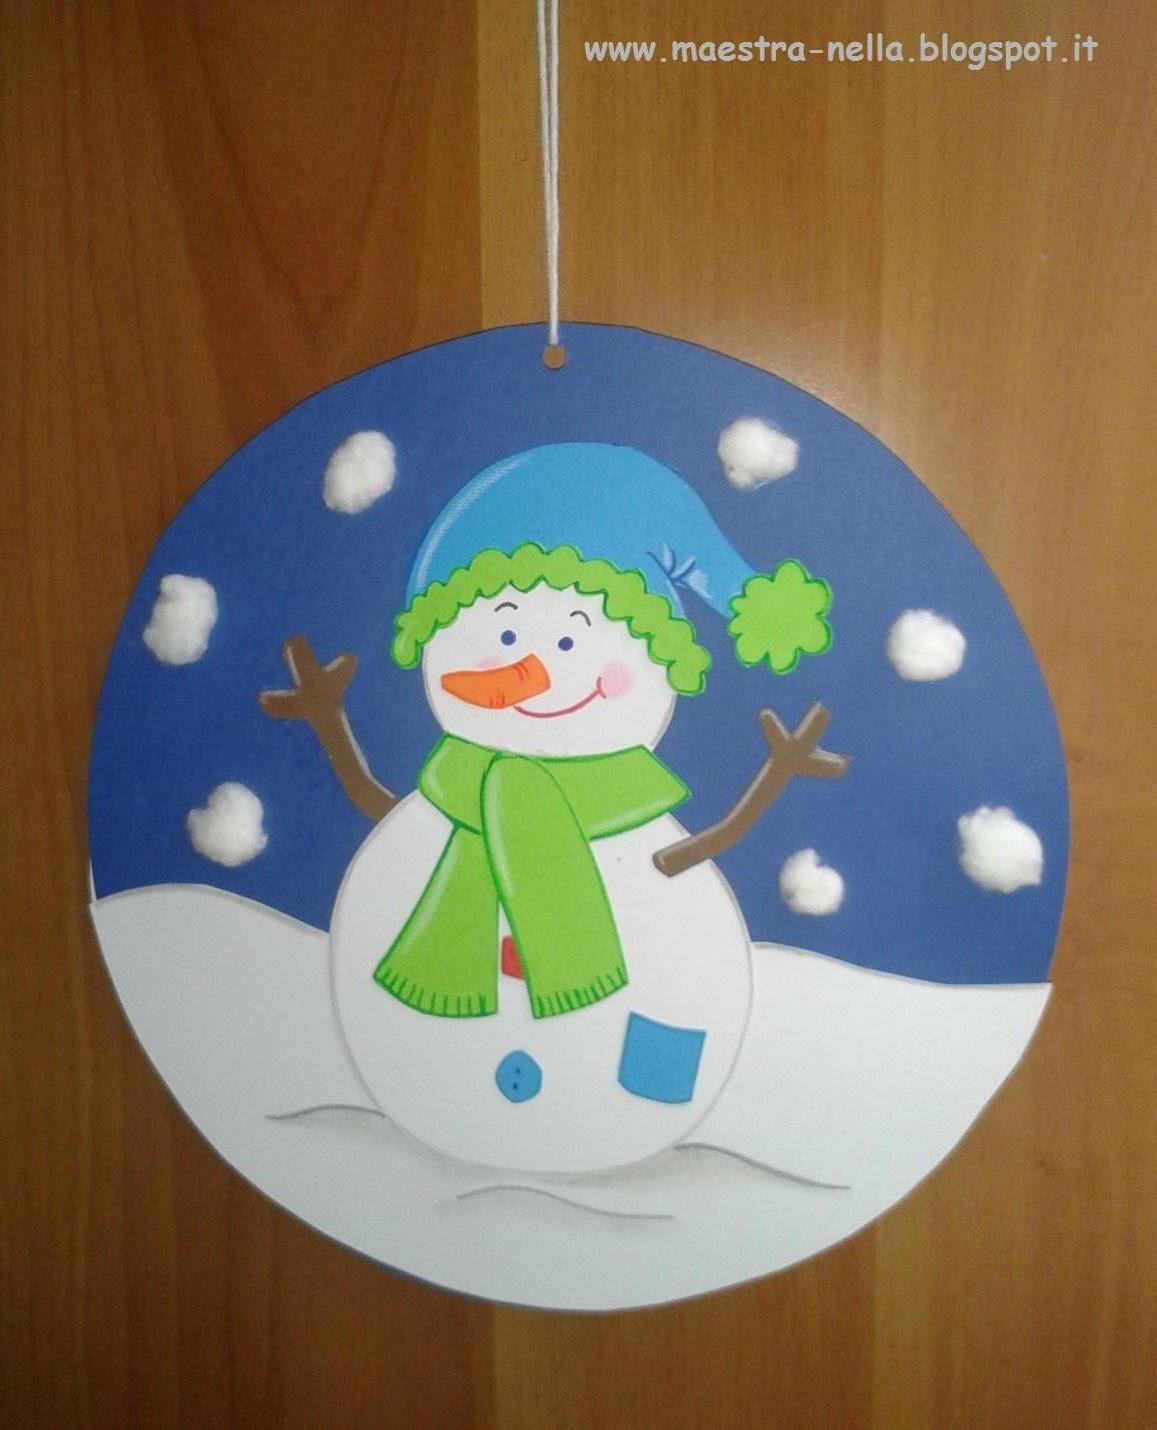 Maestra nella addobbi invernali for Addobbi finestre natale scuola infanzia